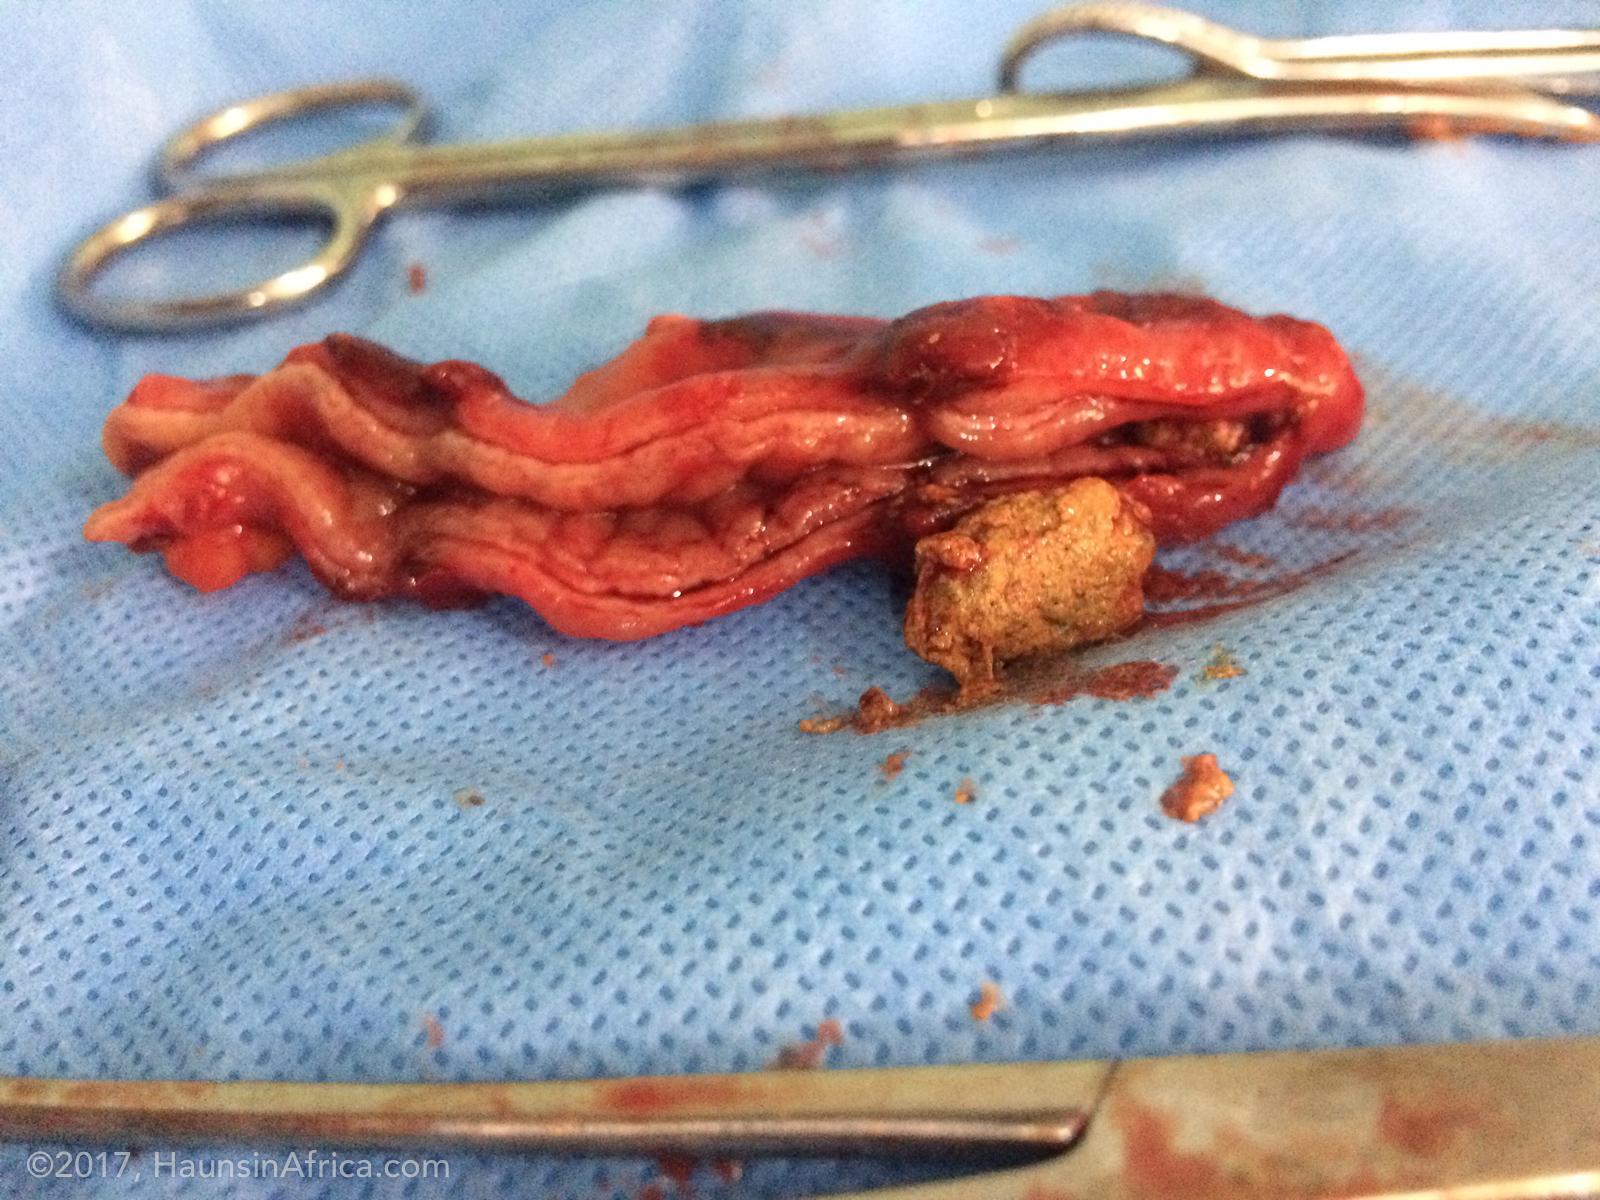 Appendicitis - The Hauns in Africa